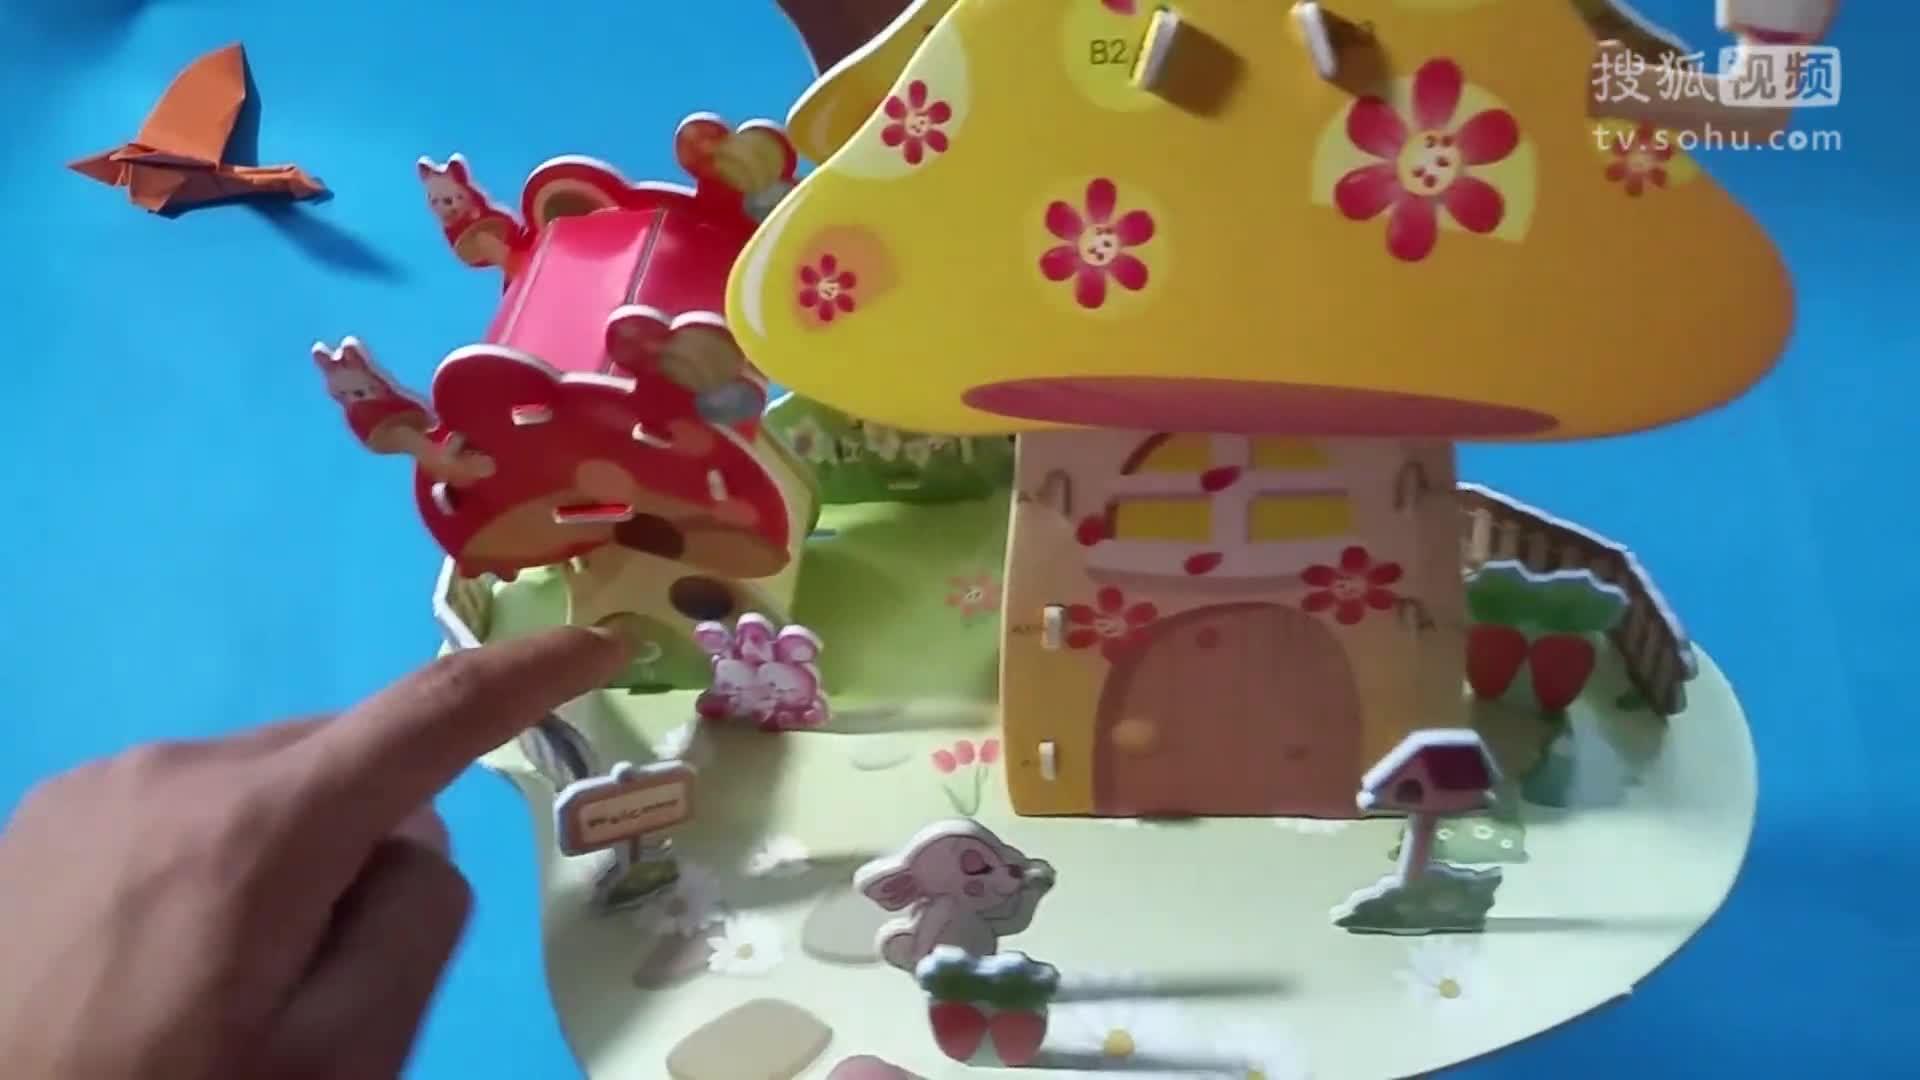 小兔子的蘑菇房子2-1 儿童手工diy玩具